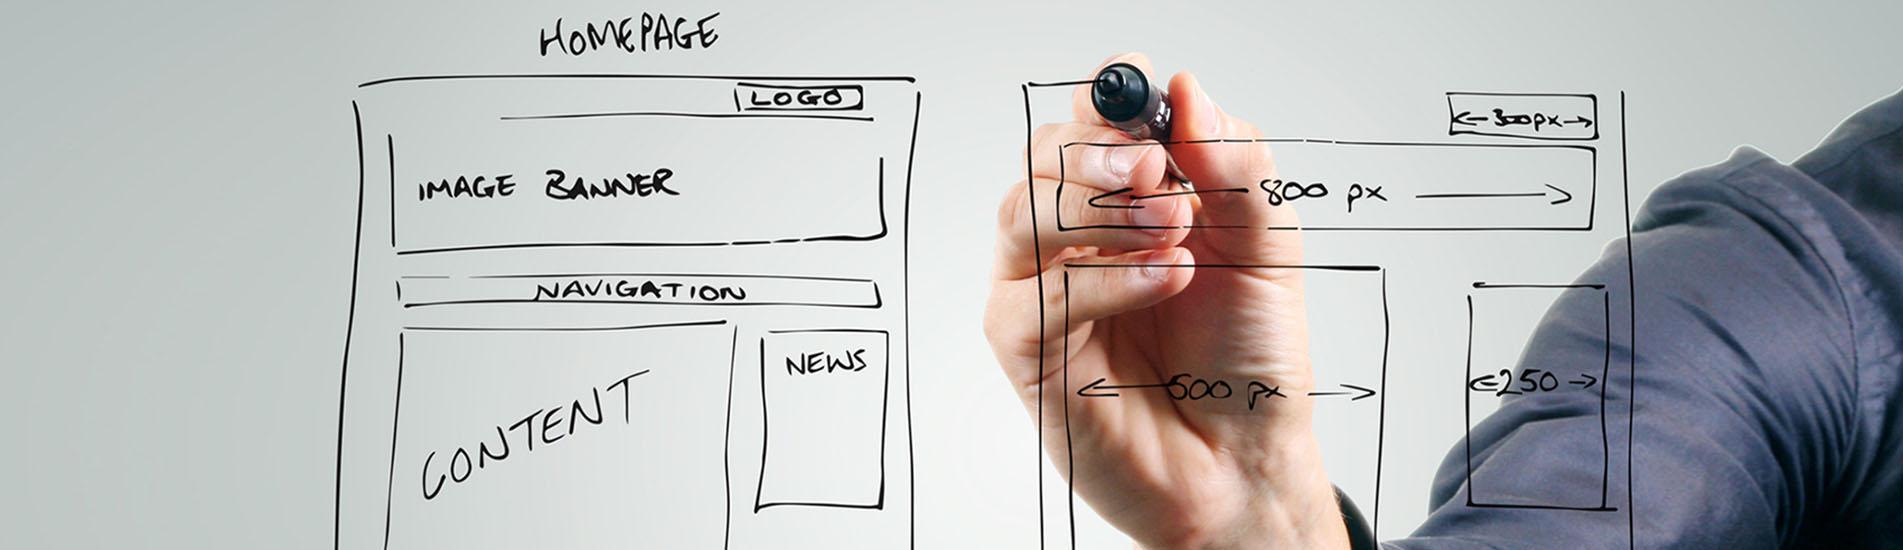 sujetbild websites Layout entwerfen